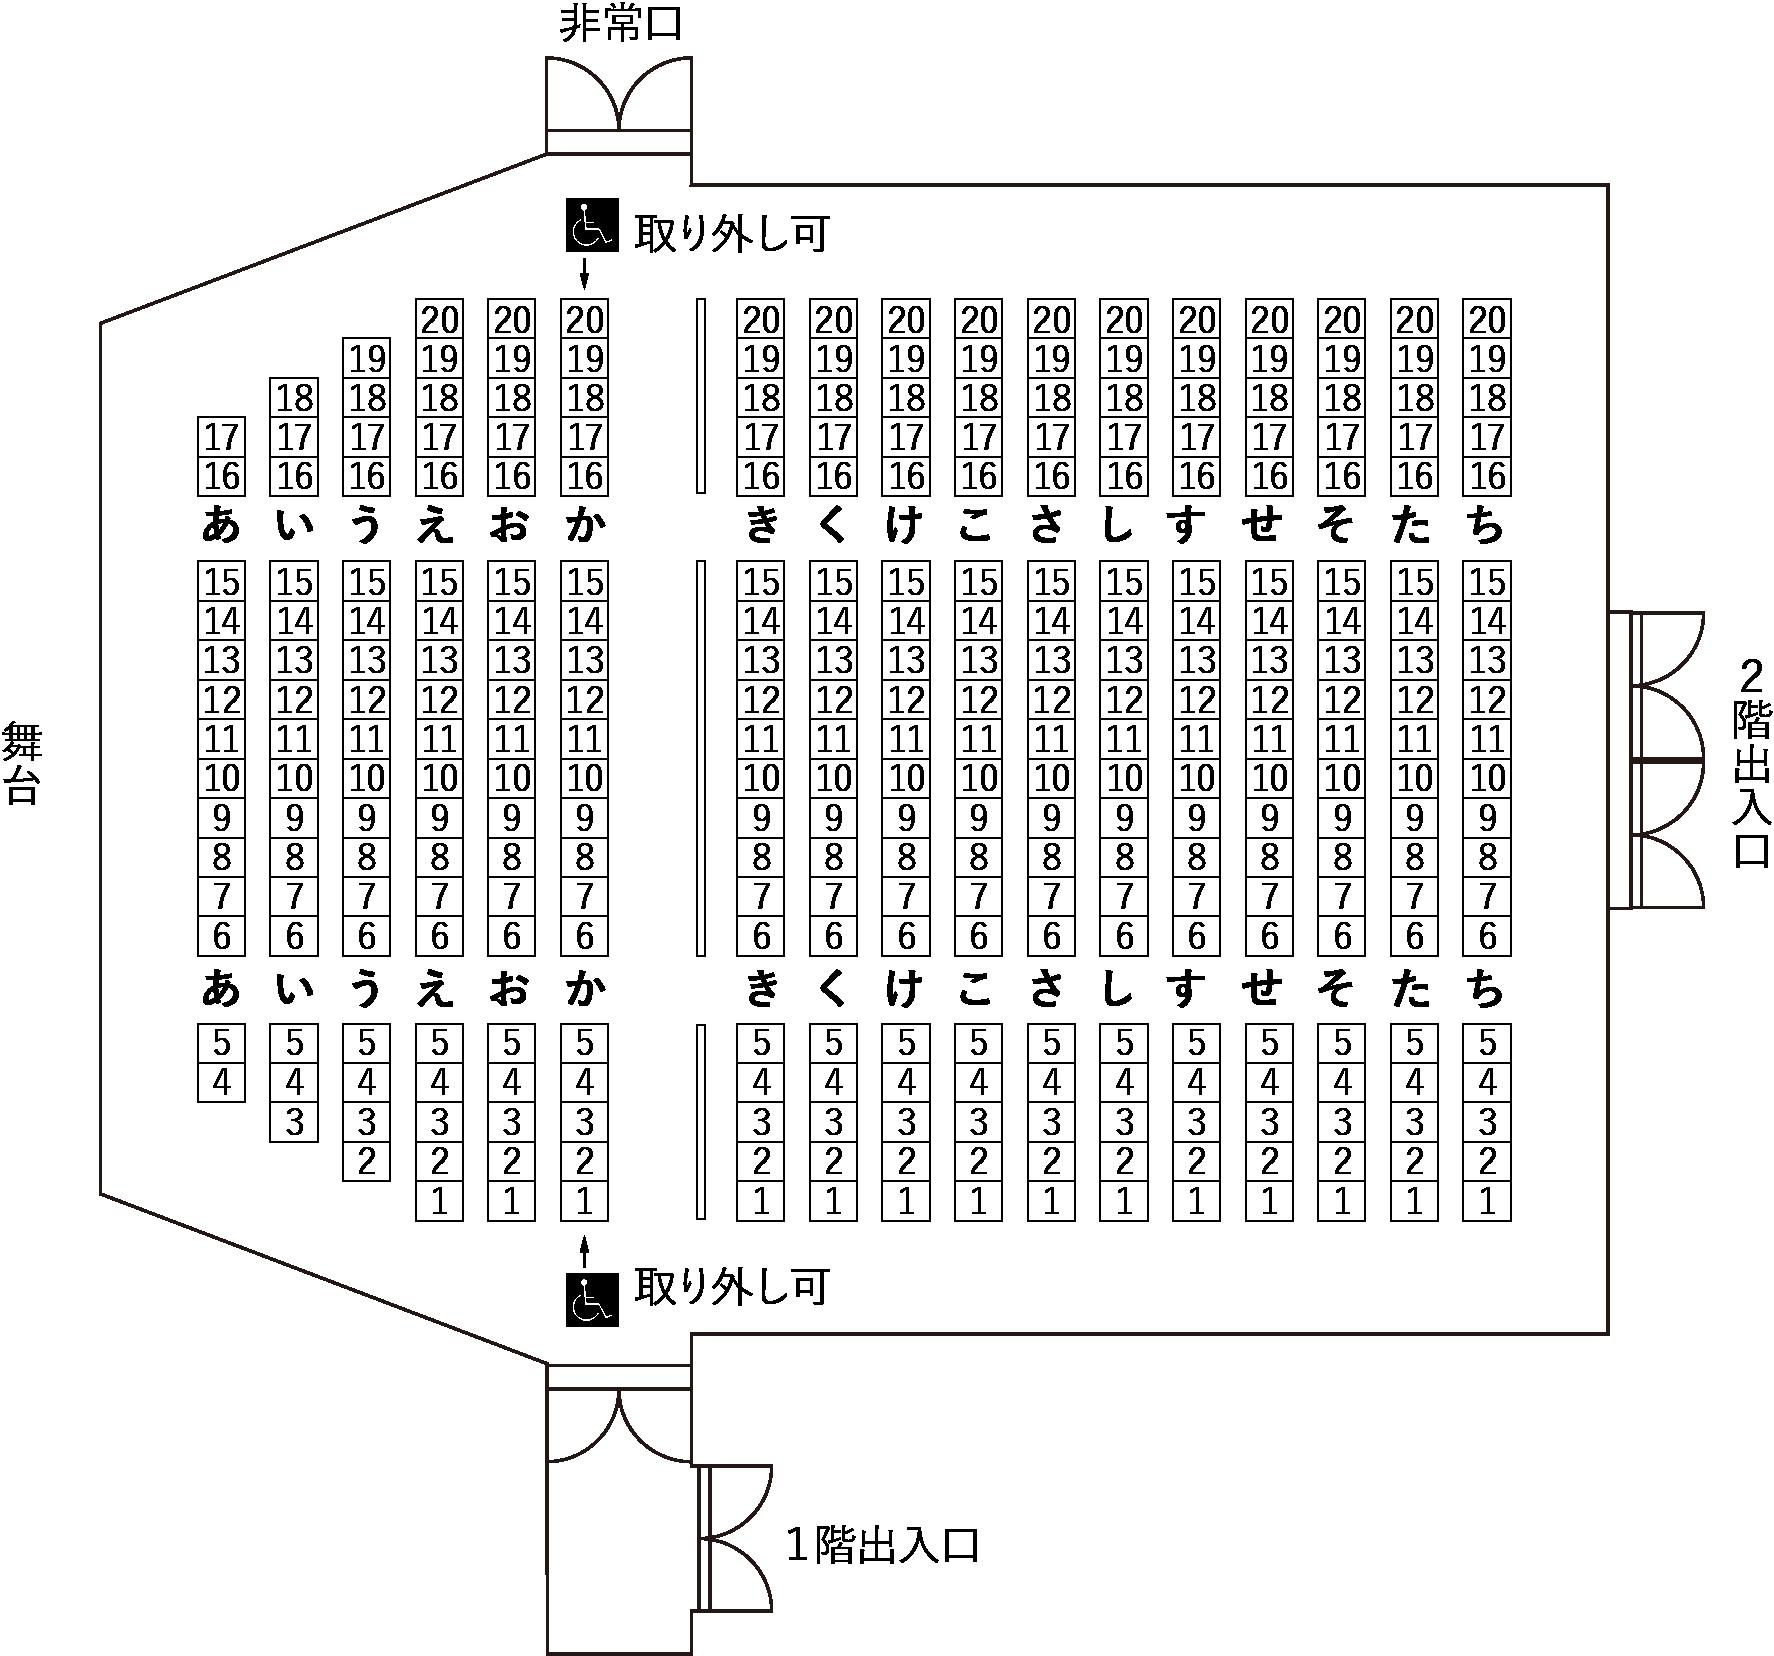 松代文化ホールの座席表